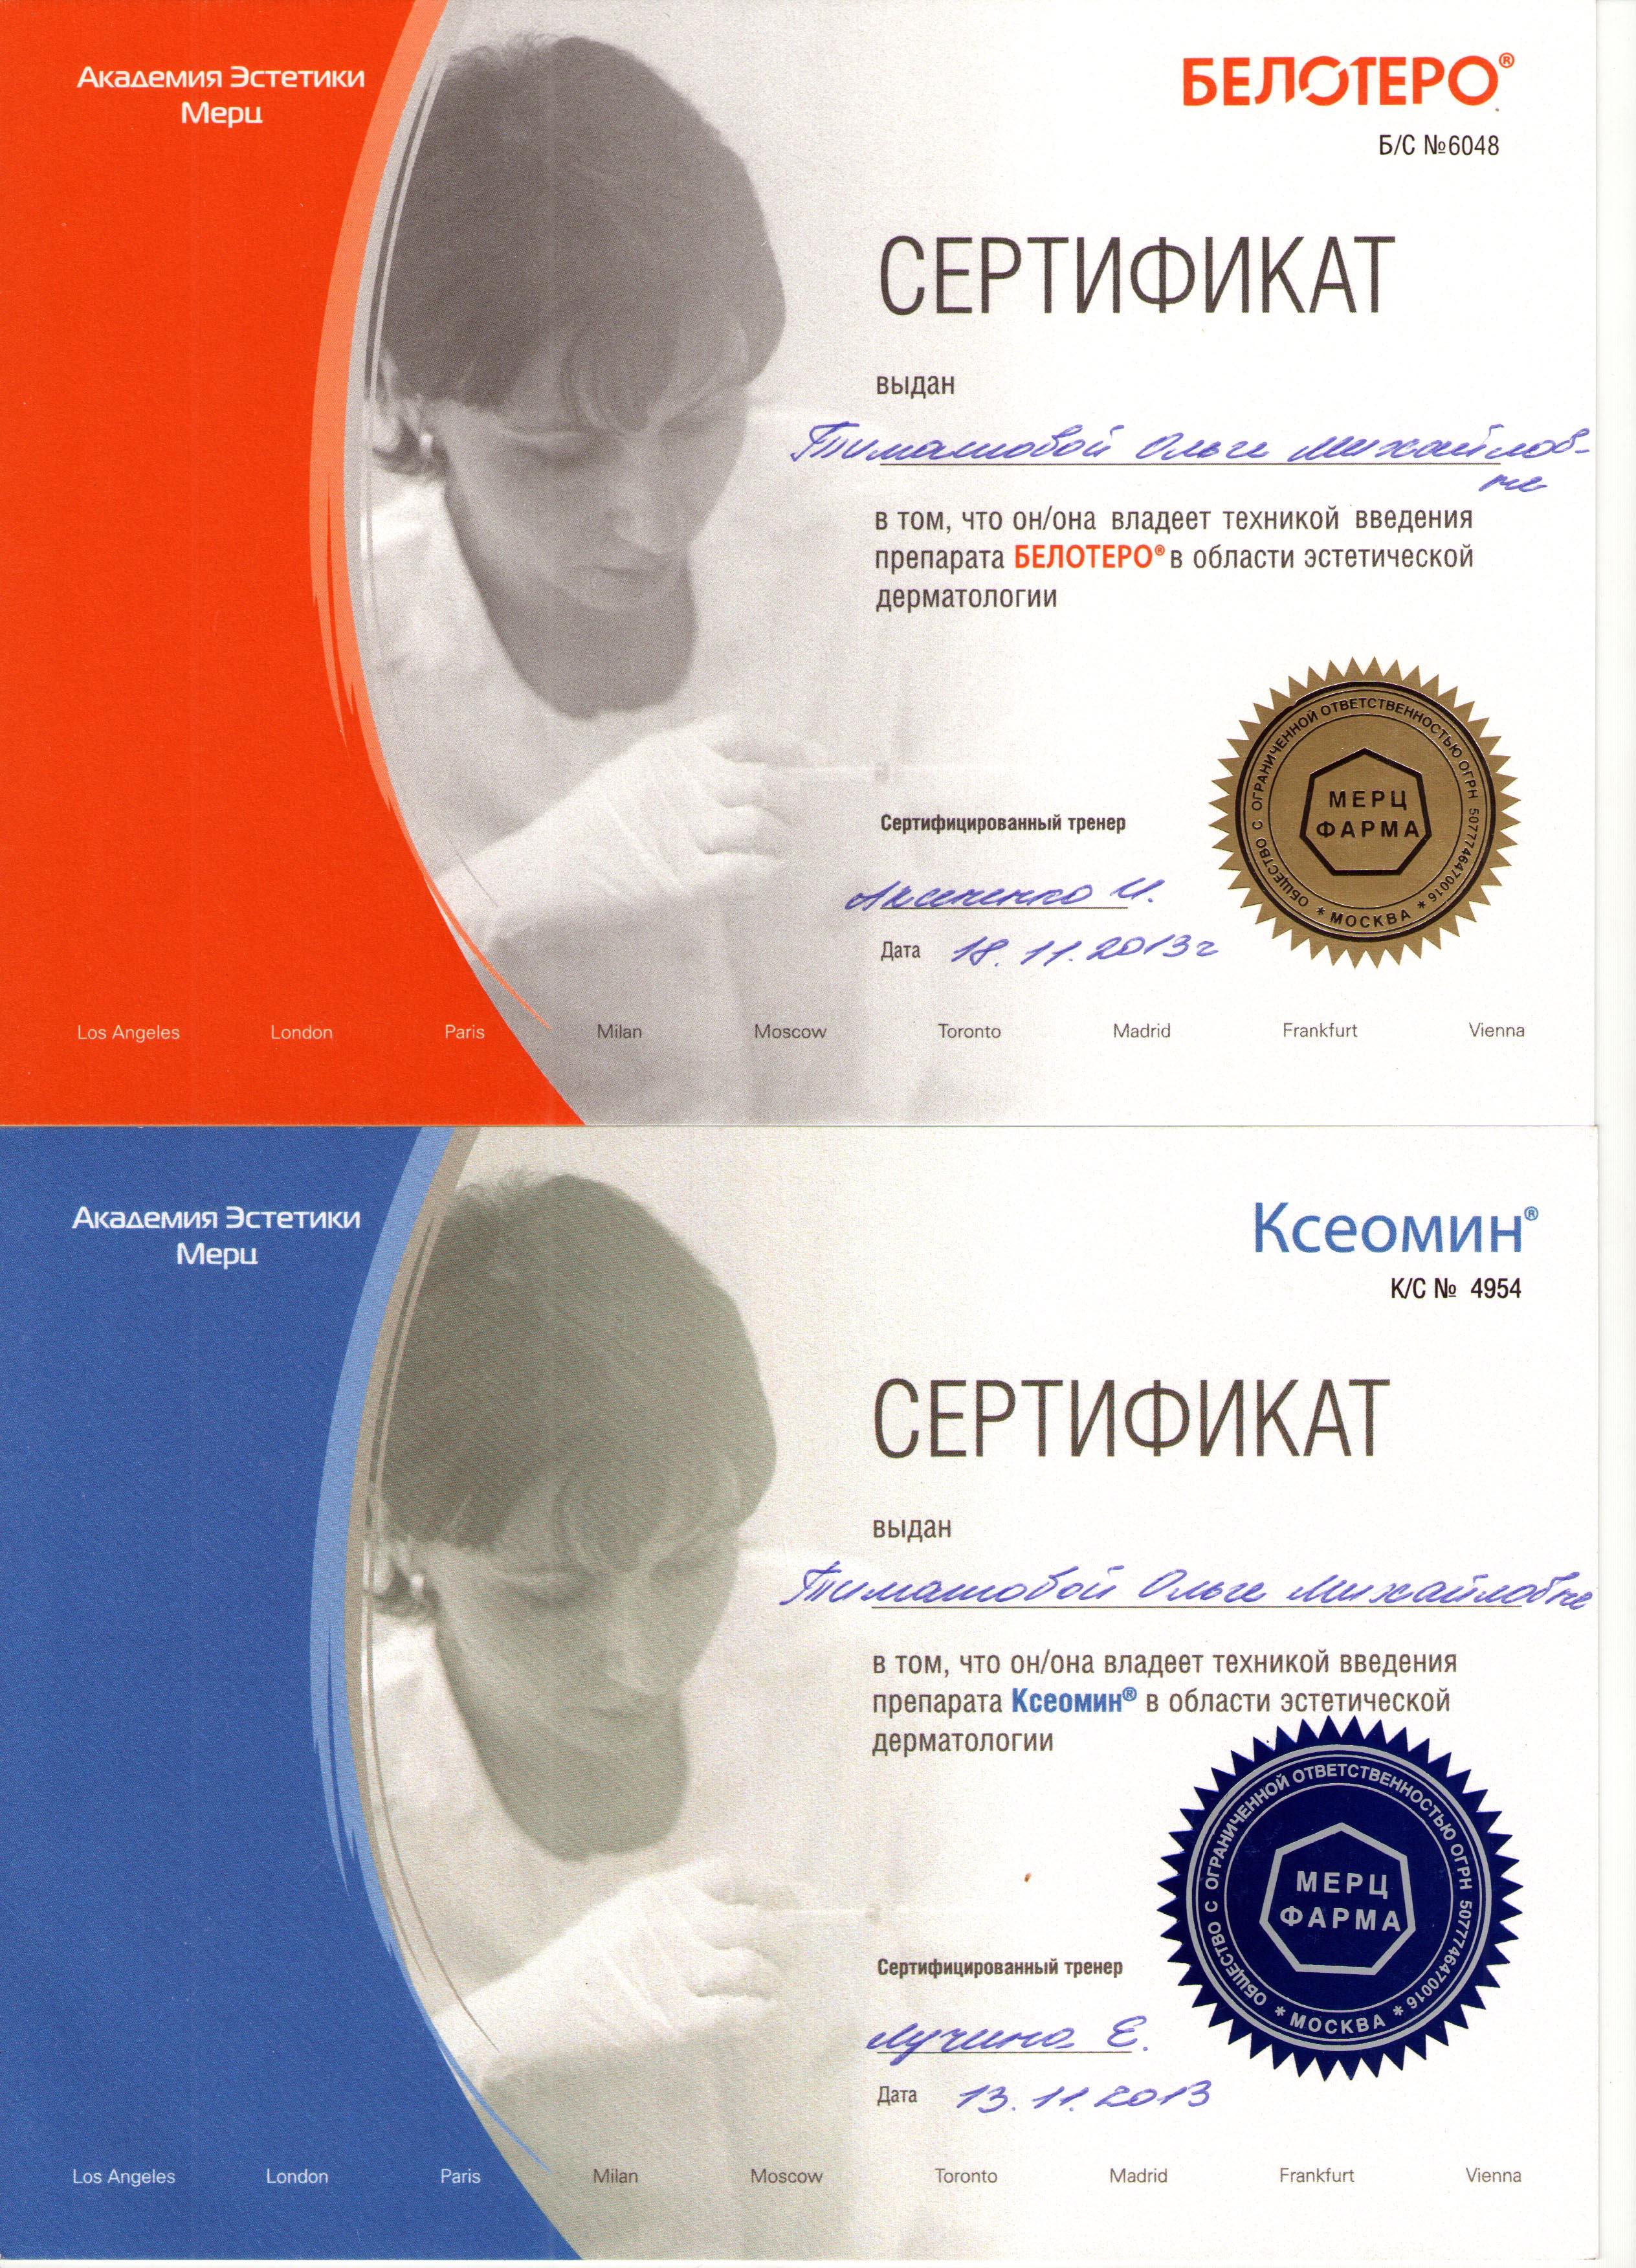 Медицинский центр клиника 1 москва